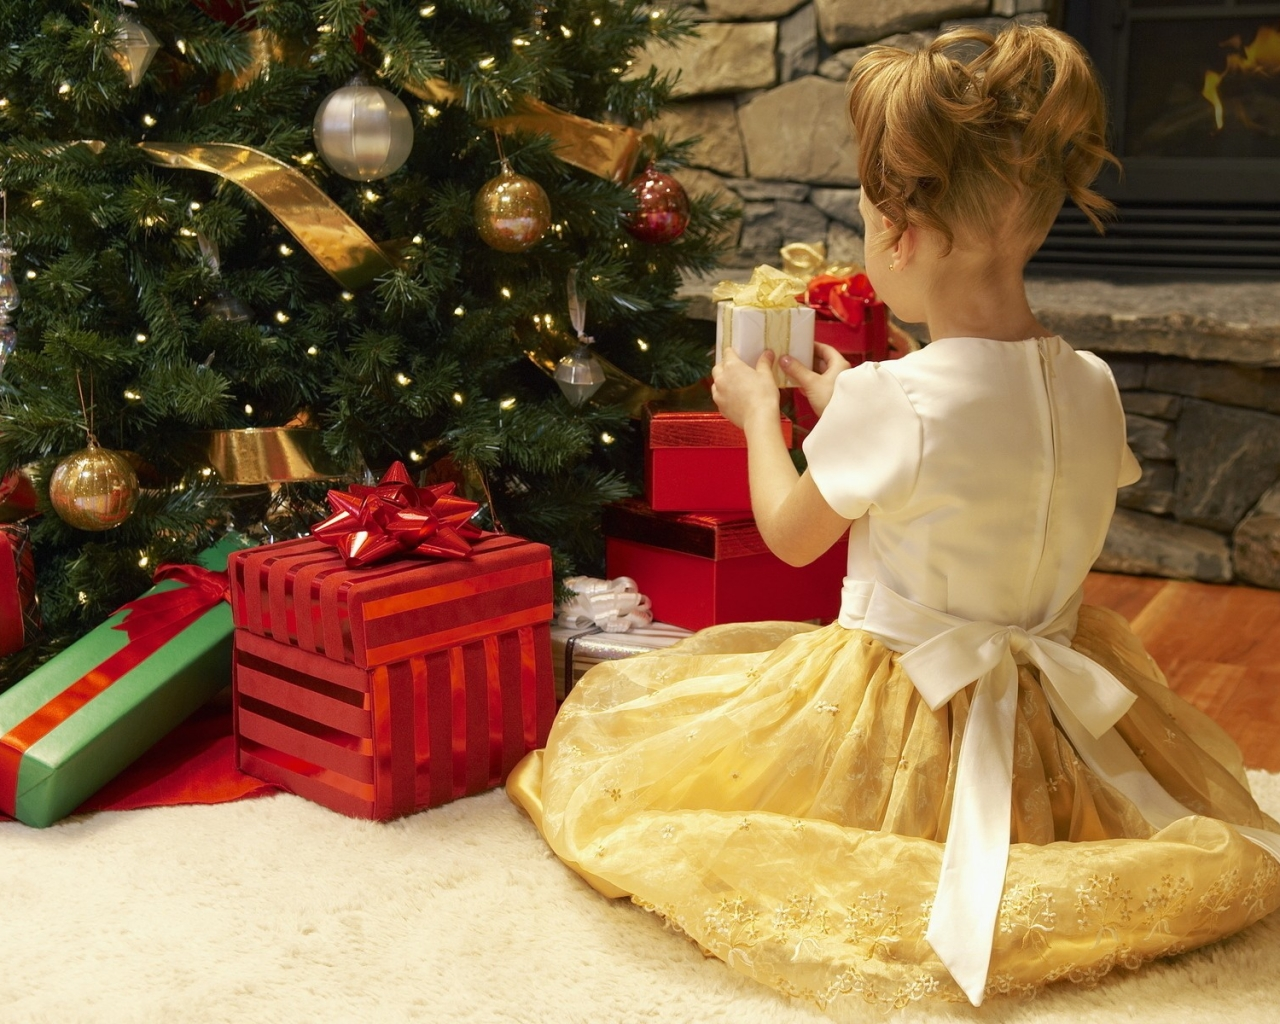 Niña arreglando el arbol de navidad - 1280x1024